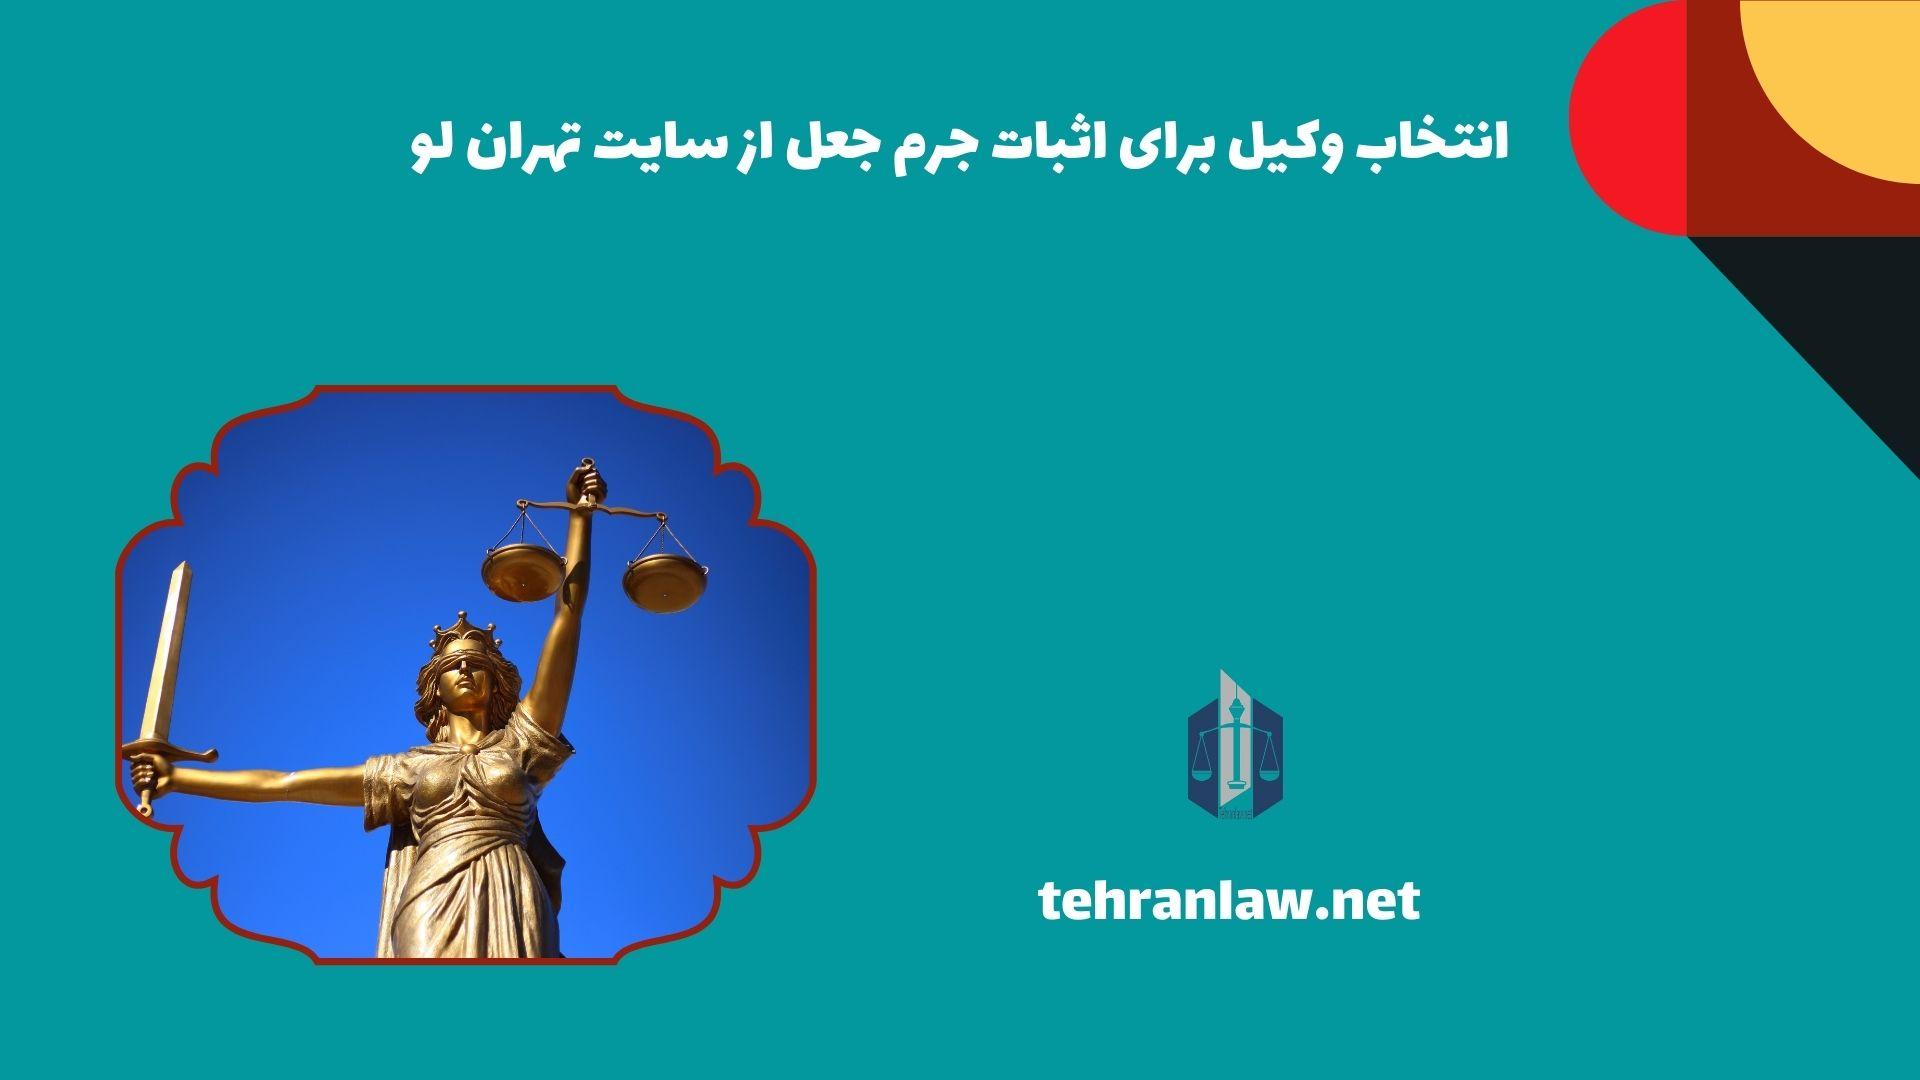 انتخاب وکیل برای اثبات جرم جعل از سایت تهران لو